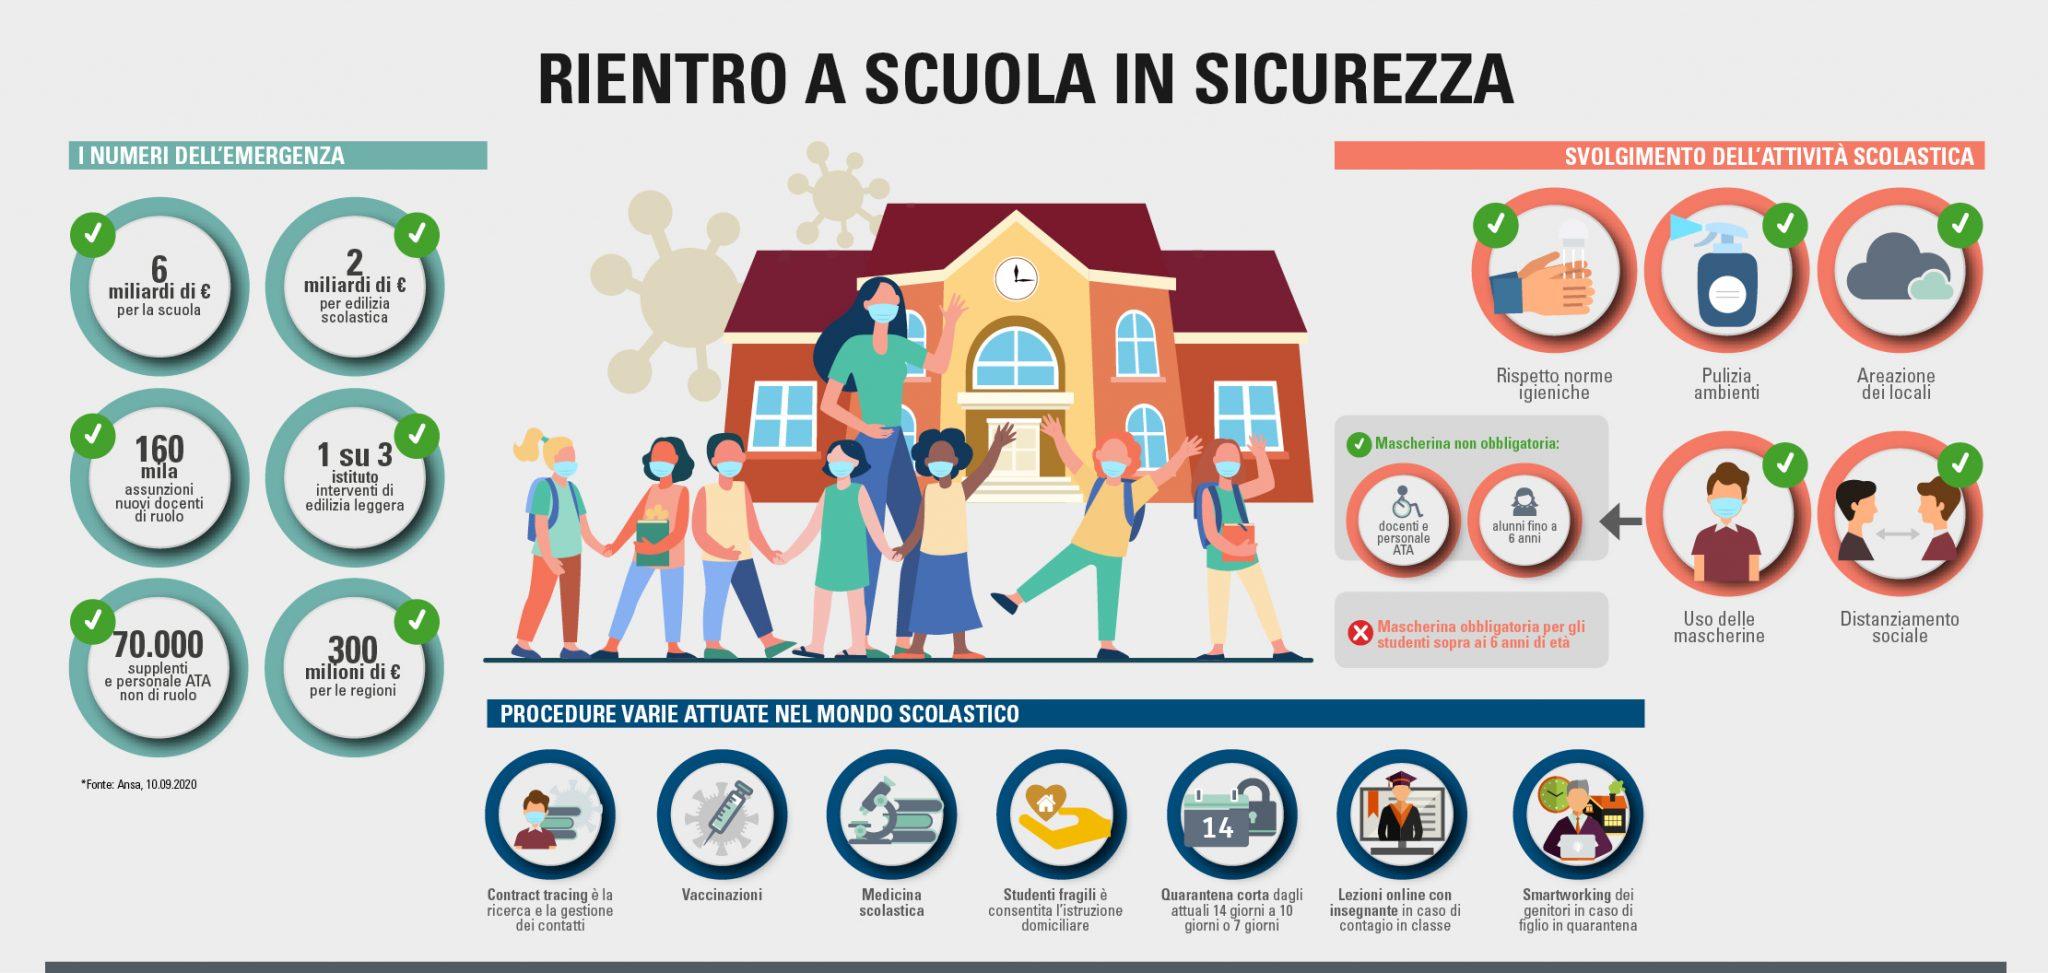 Infografica rientro a scuola